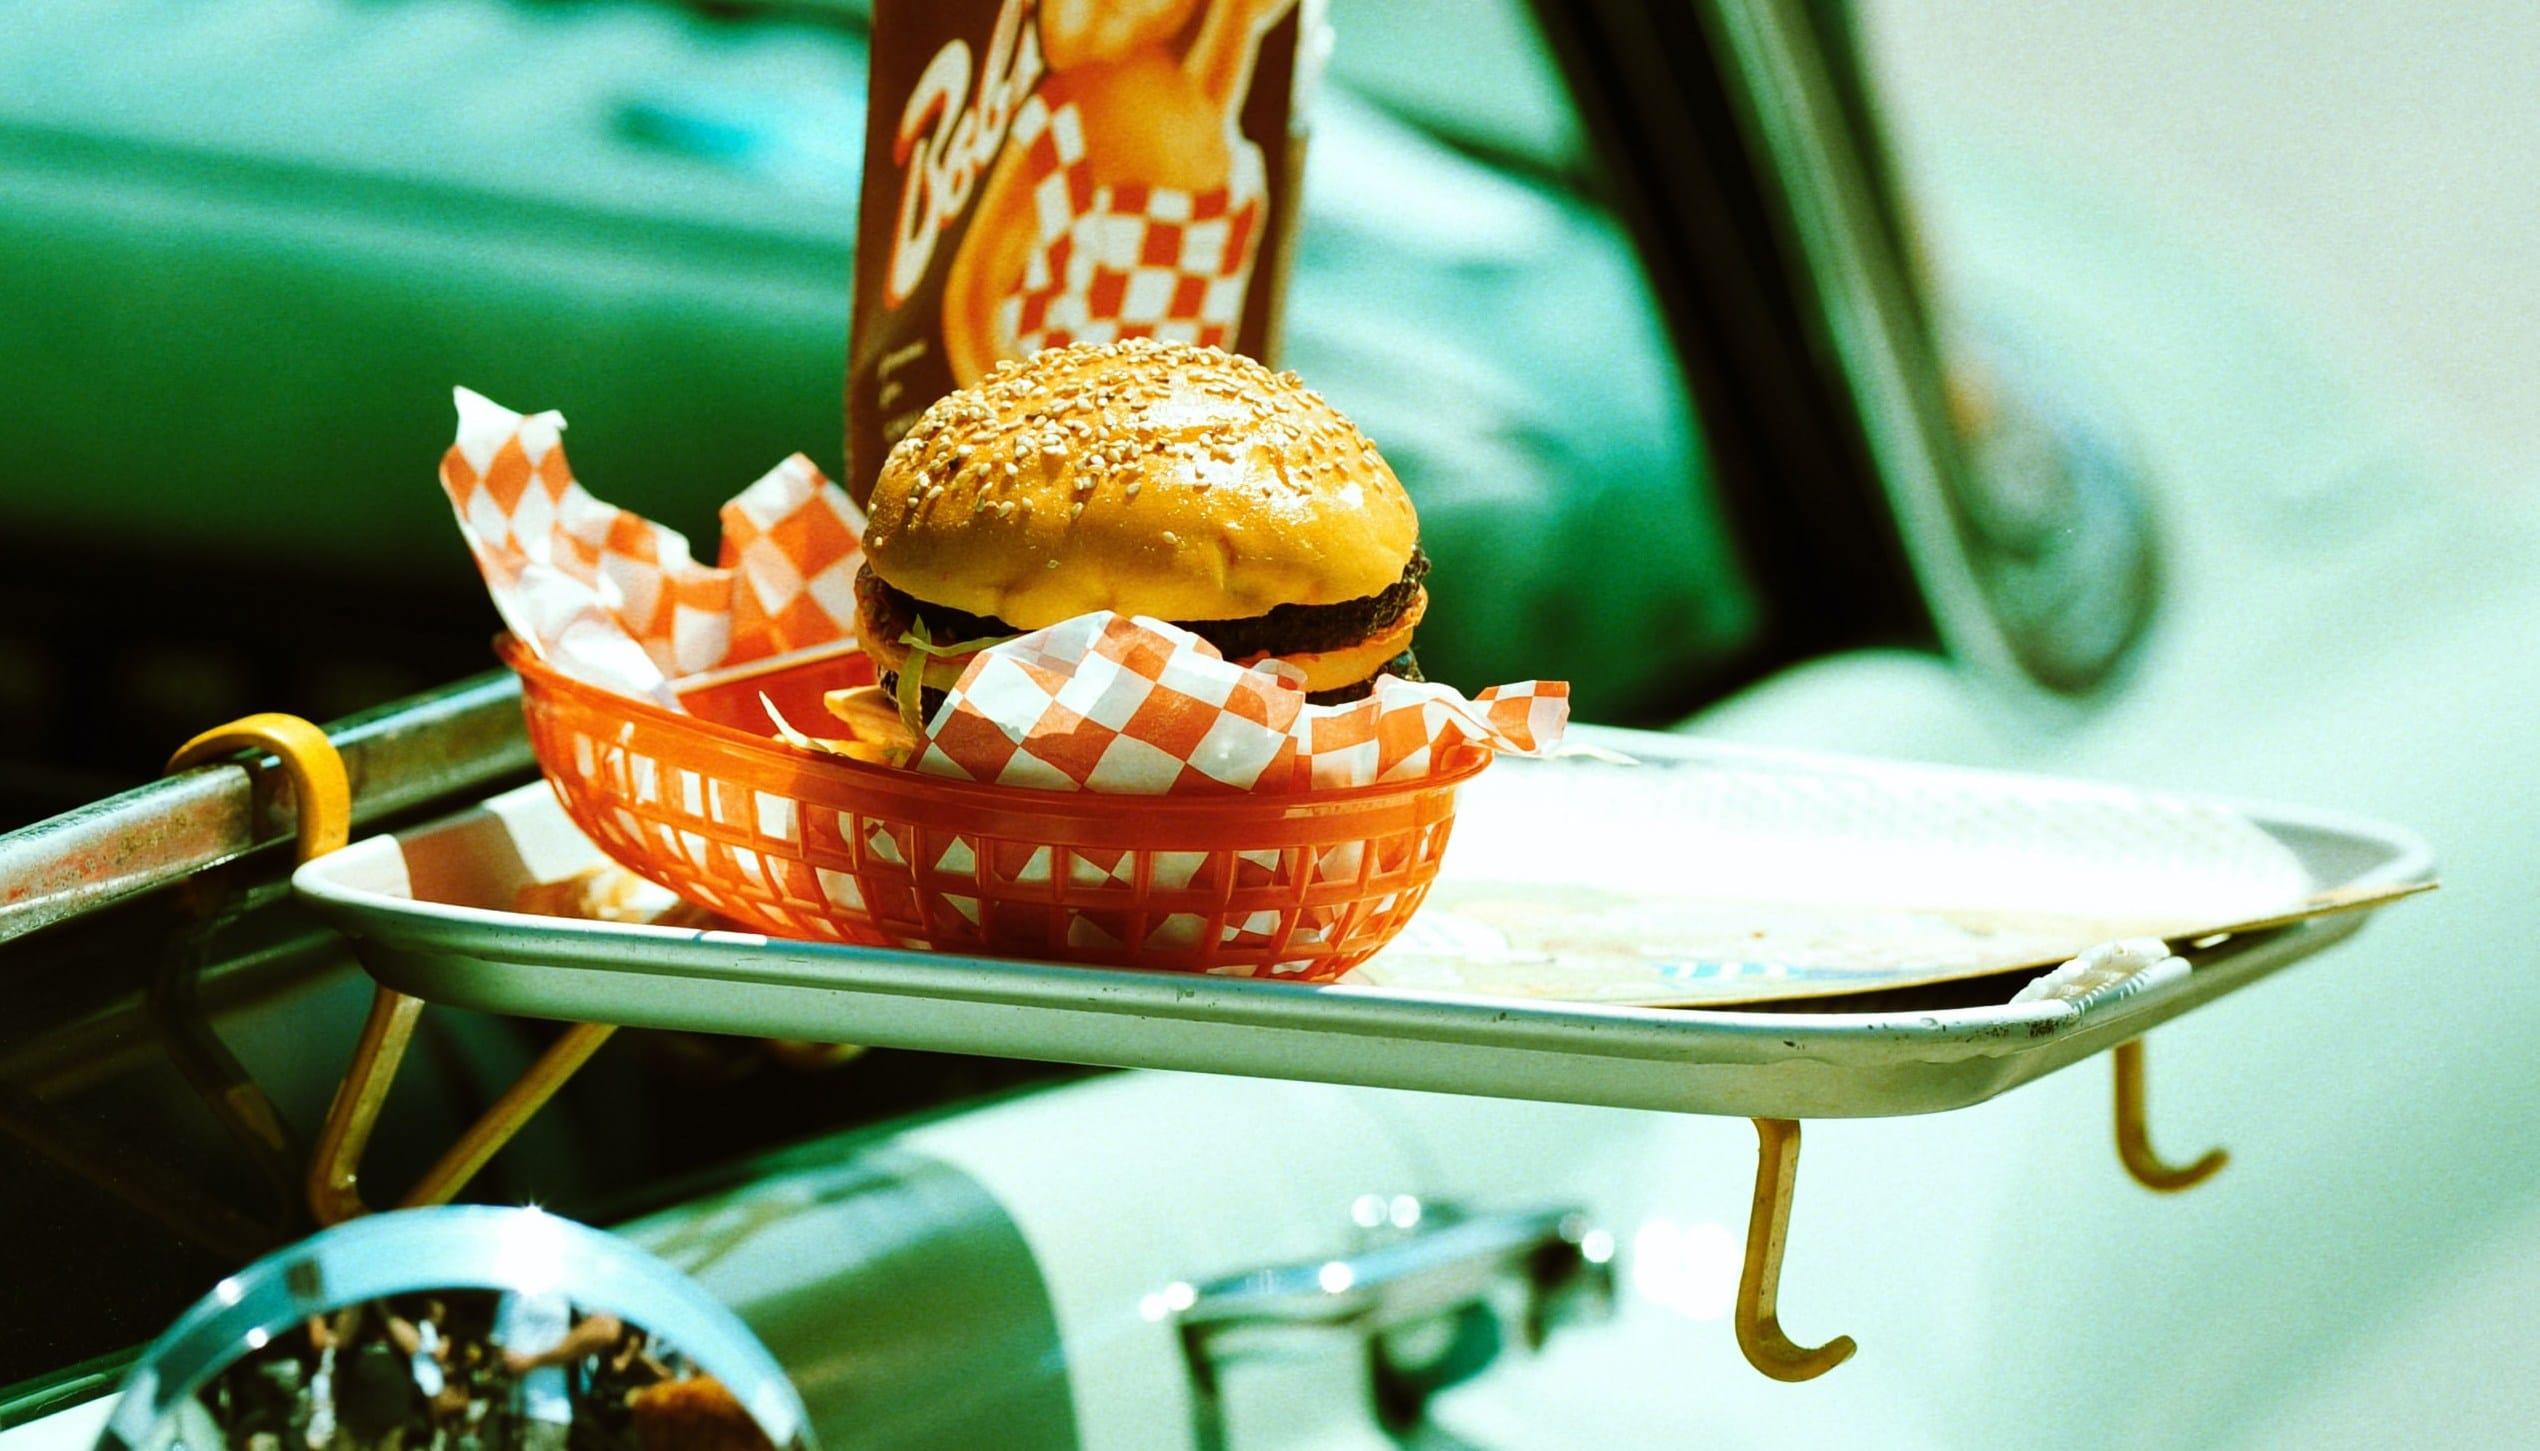 Gesundes Fast Food – gibt es das?